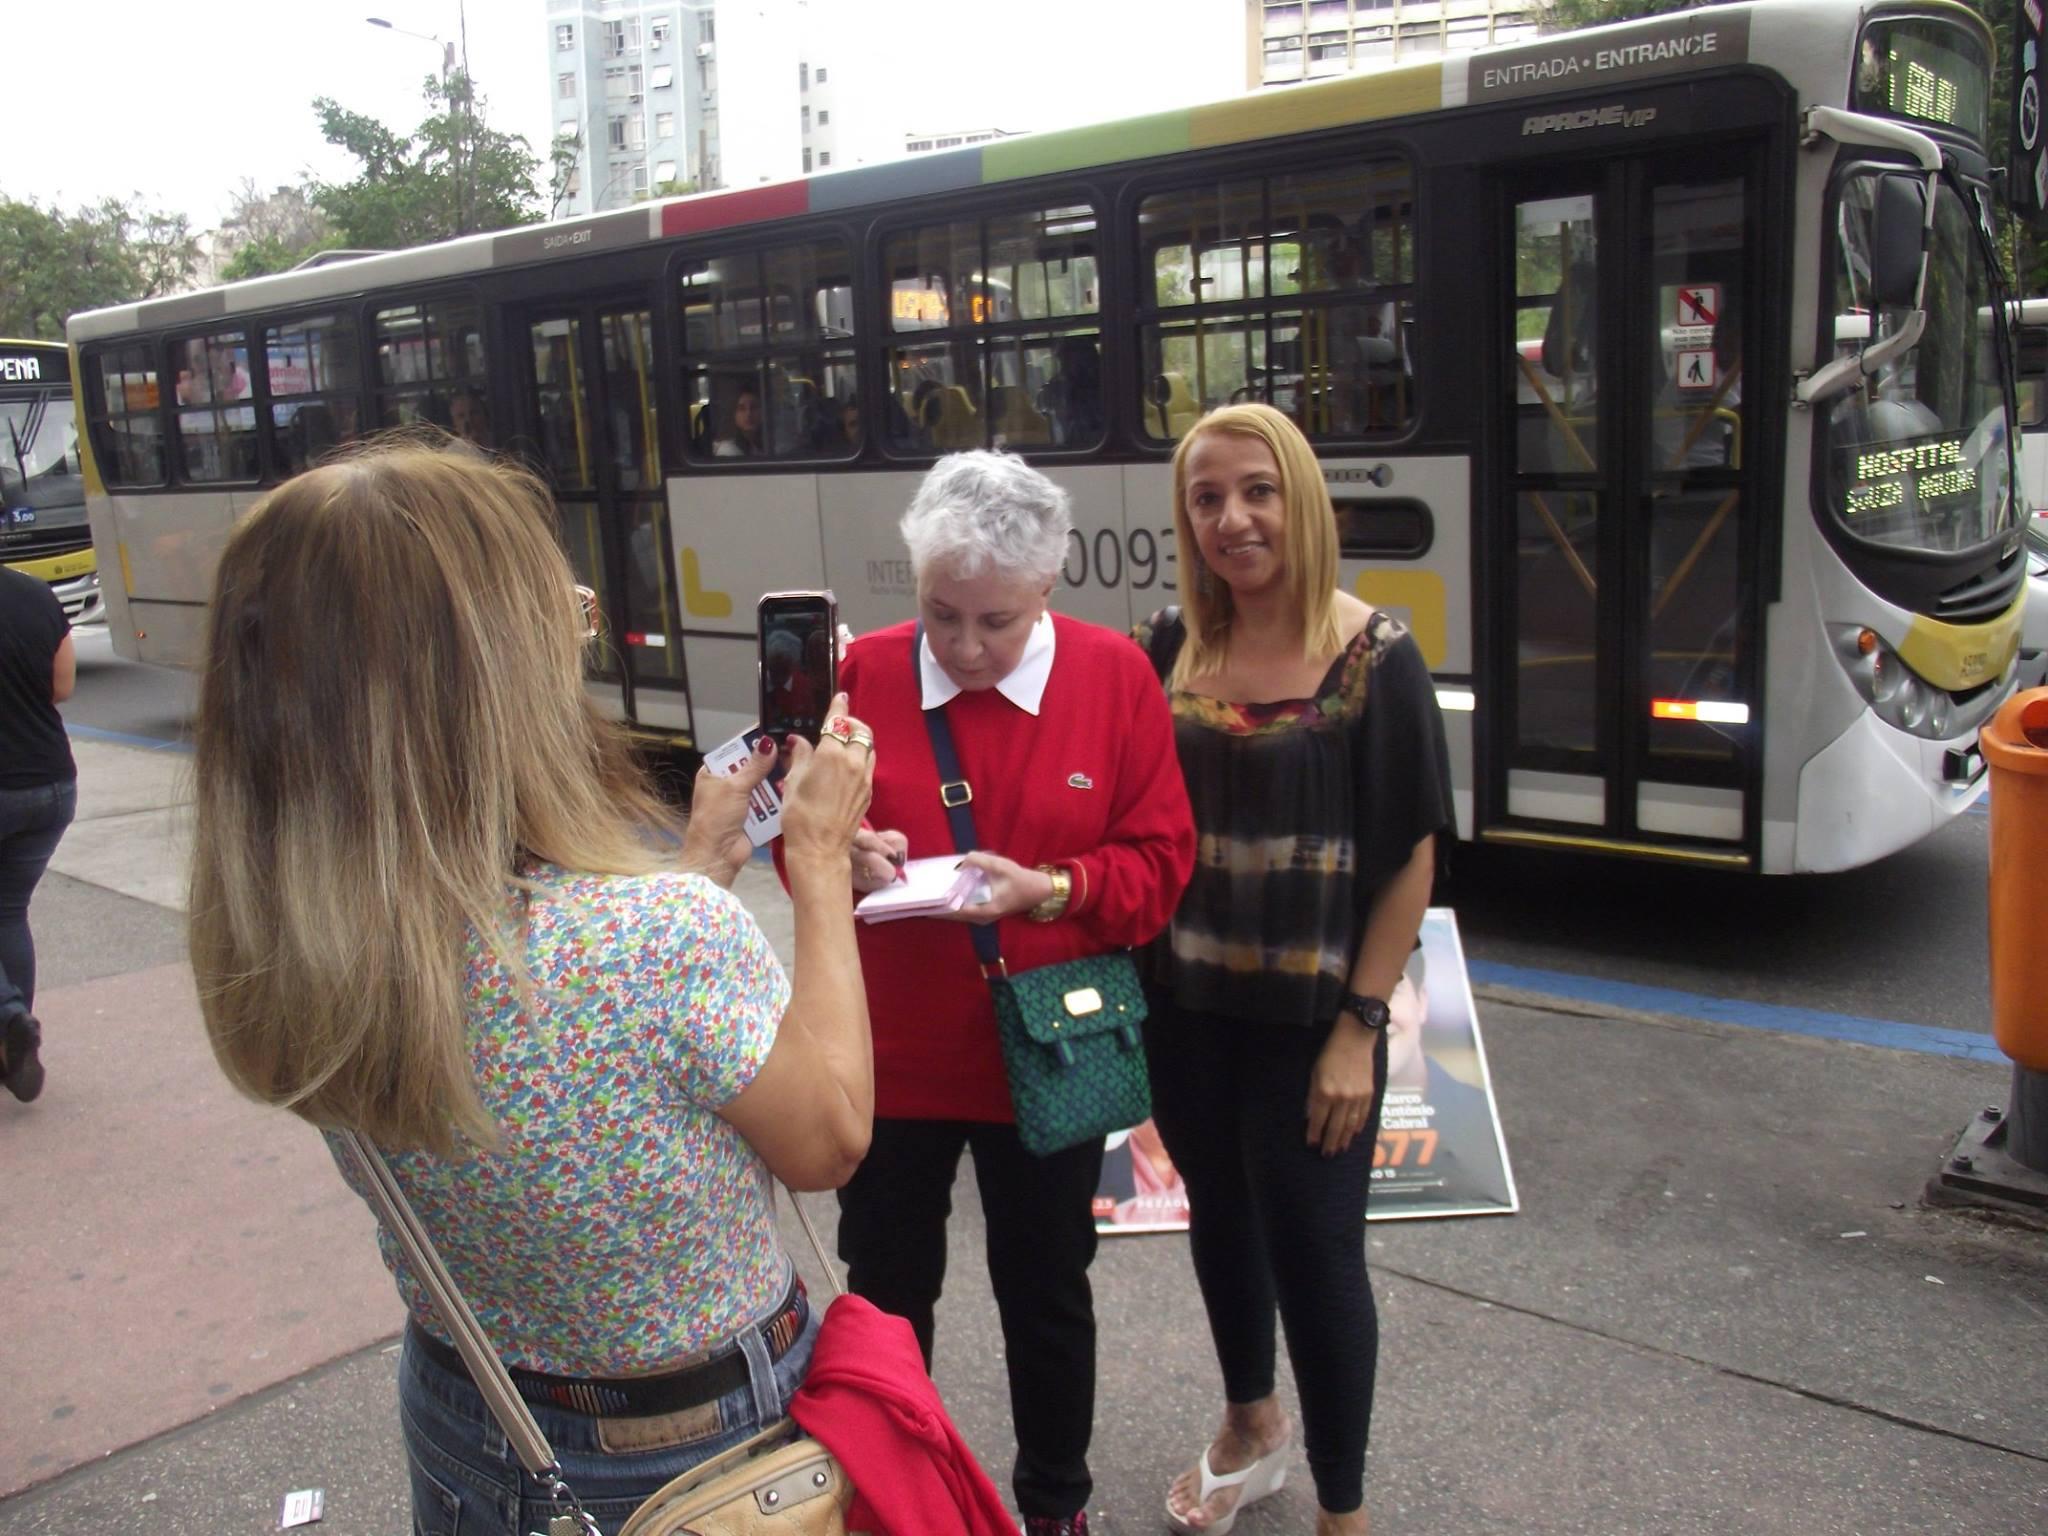 Caminhada de Cidinha na Praça Saens Peña se transforma em tarde de autógrafos a tijucanos